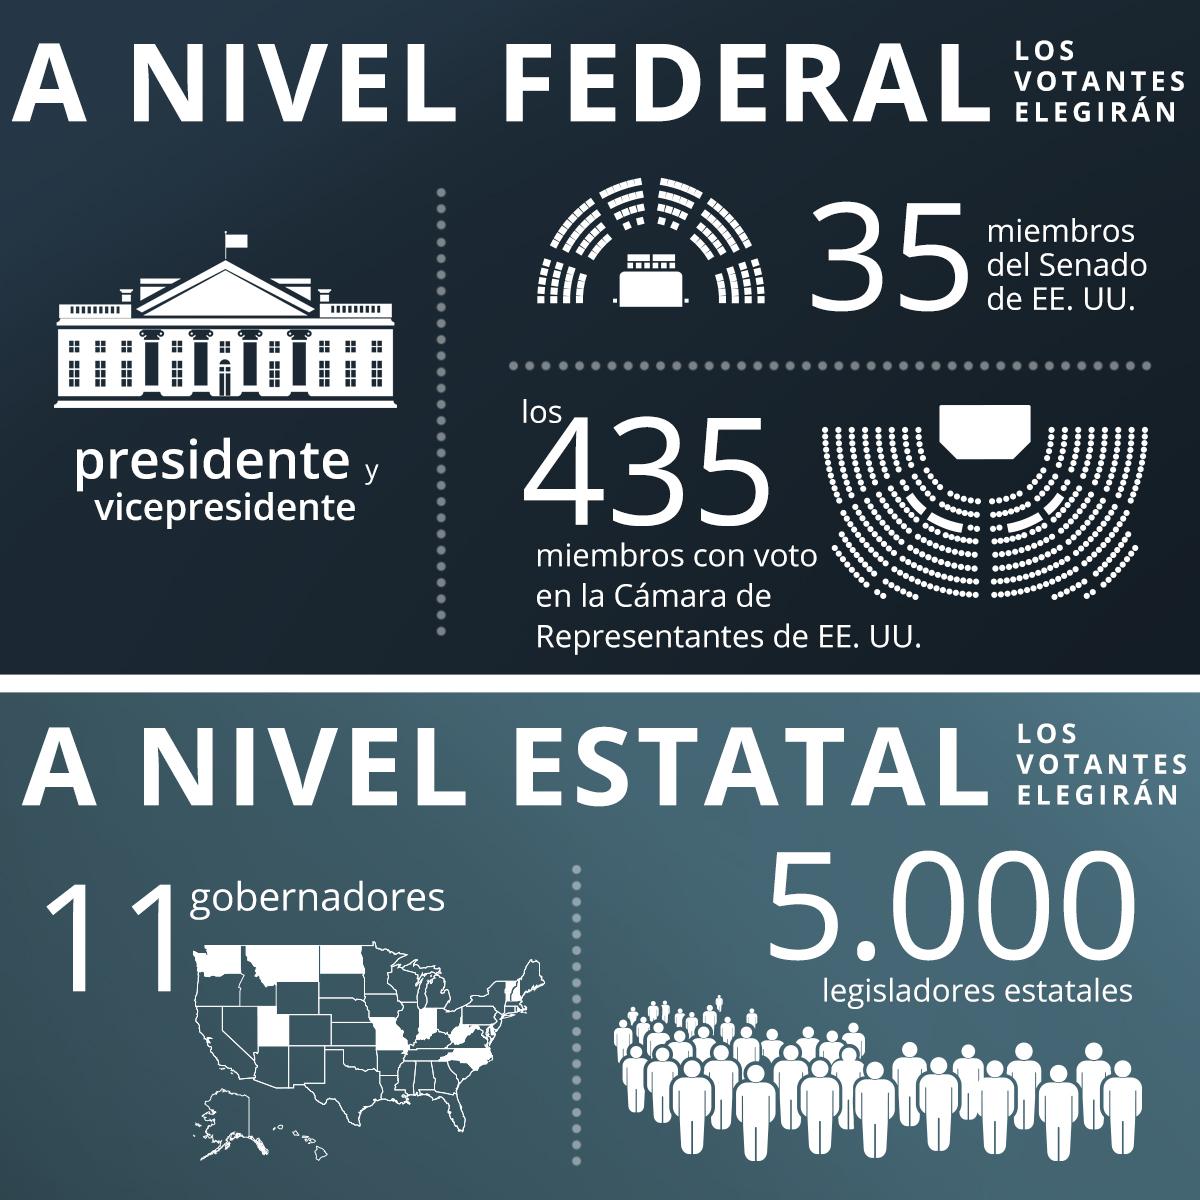 Gráfico que muestra los cargos a elegir en Estados Unidos a nivel federal y estatal en 2020 (Depto. de Estado/B. Insley)